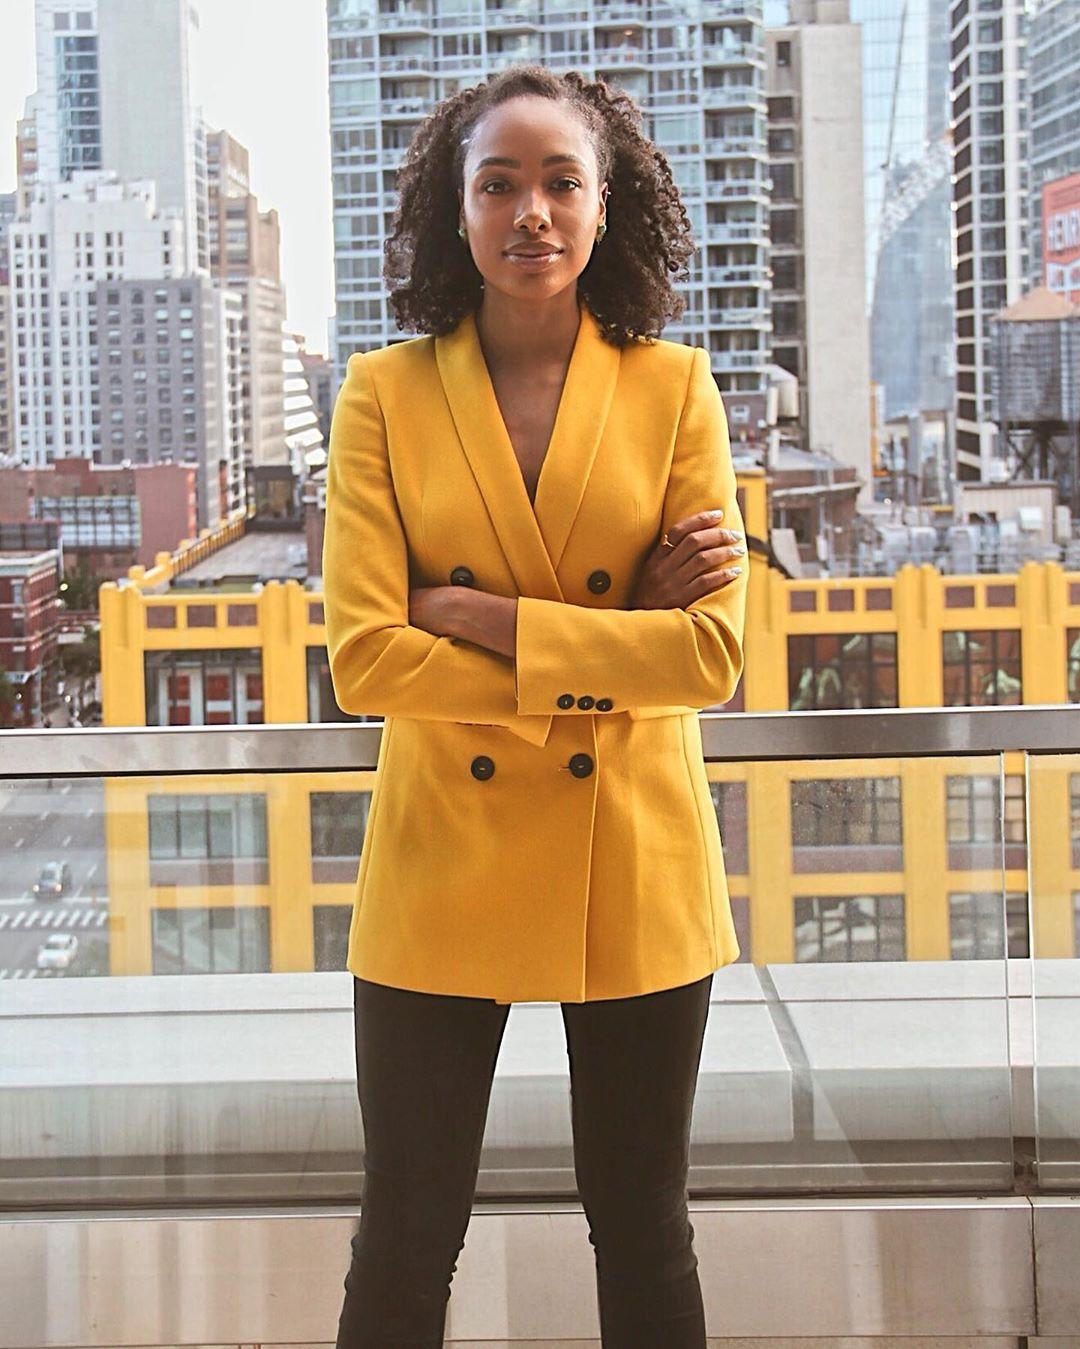 crossover breasted jacket de Zara sur heylifestylee